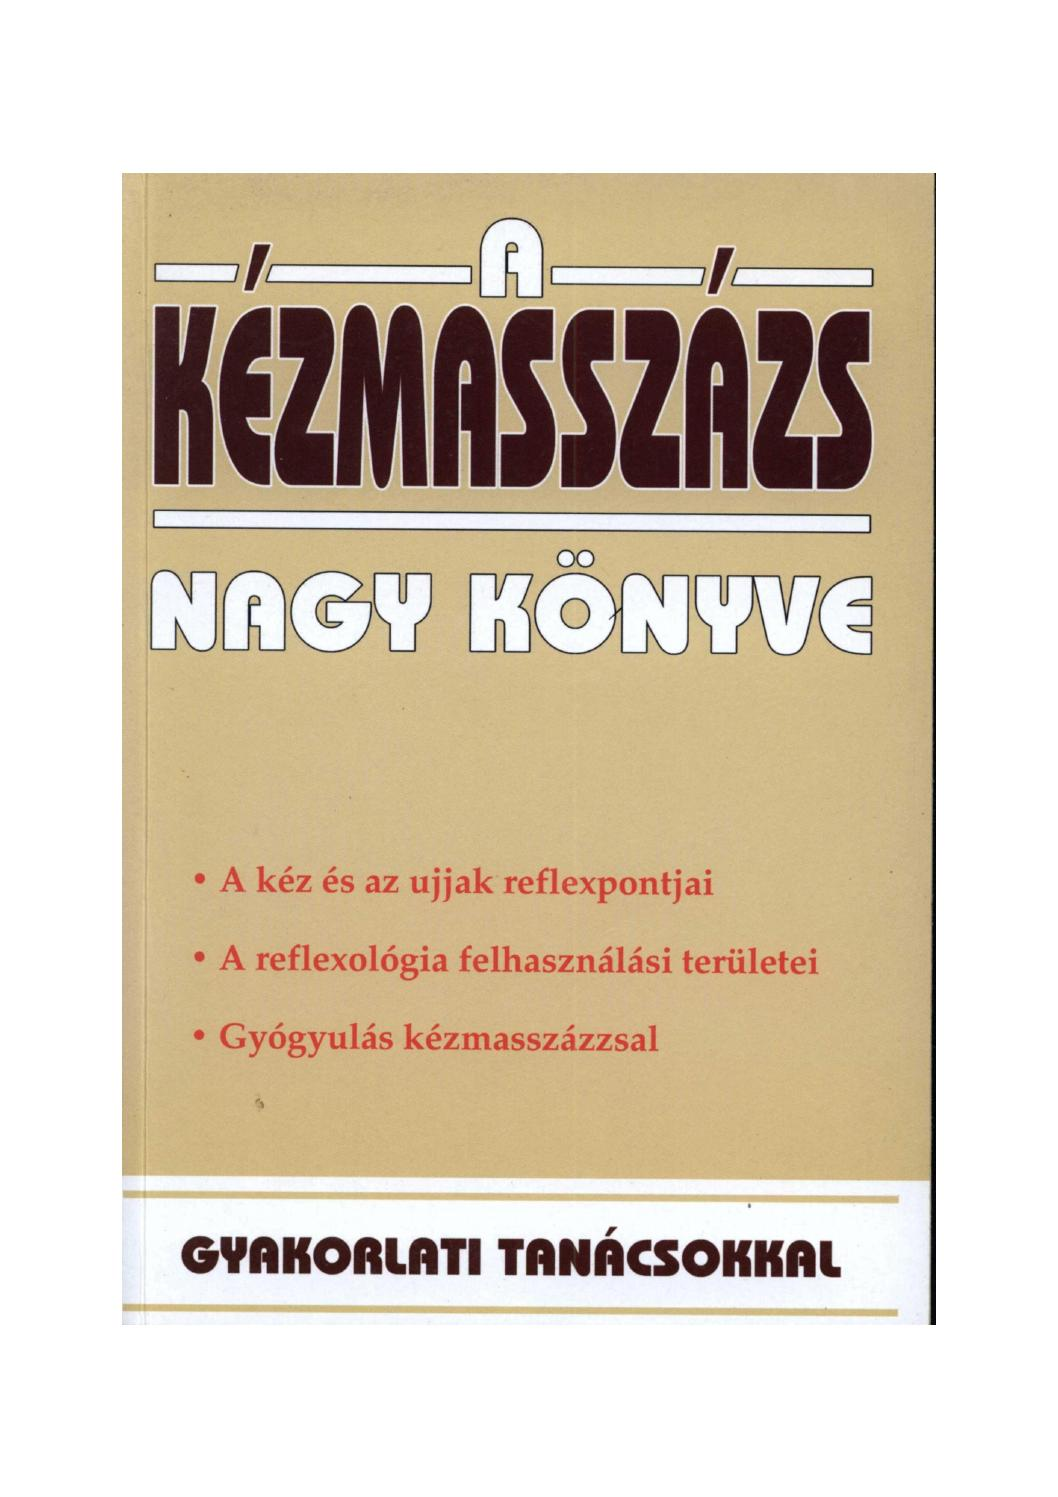 gyógyítja a don lábak ízületeinek fájdalmát)